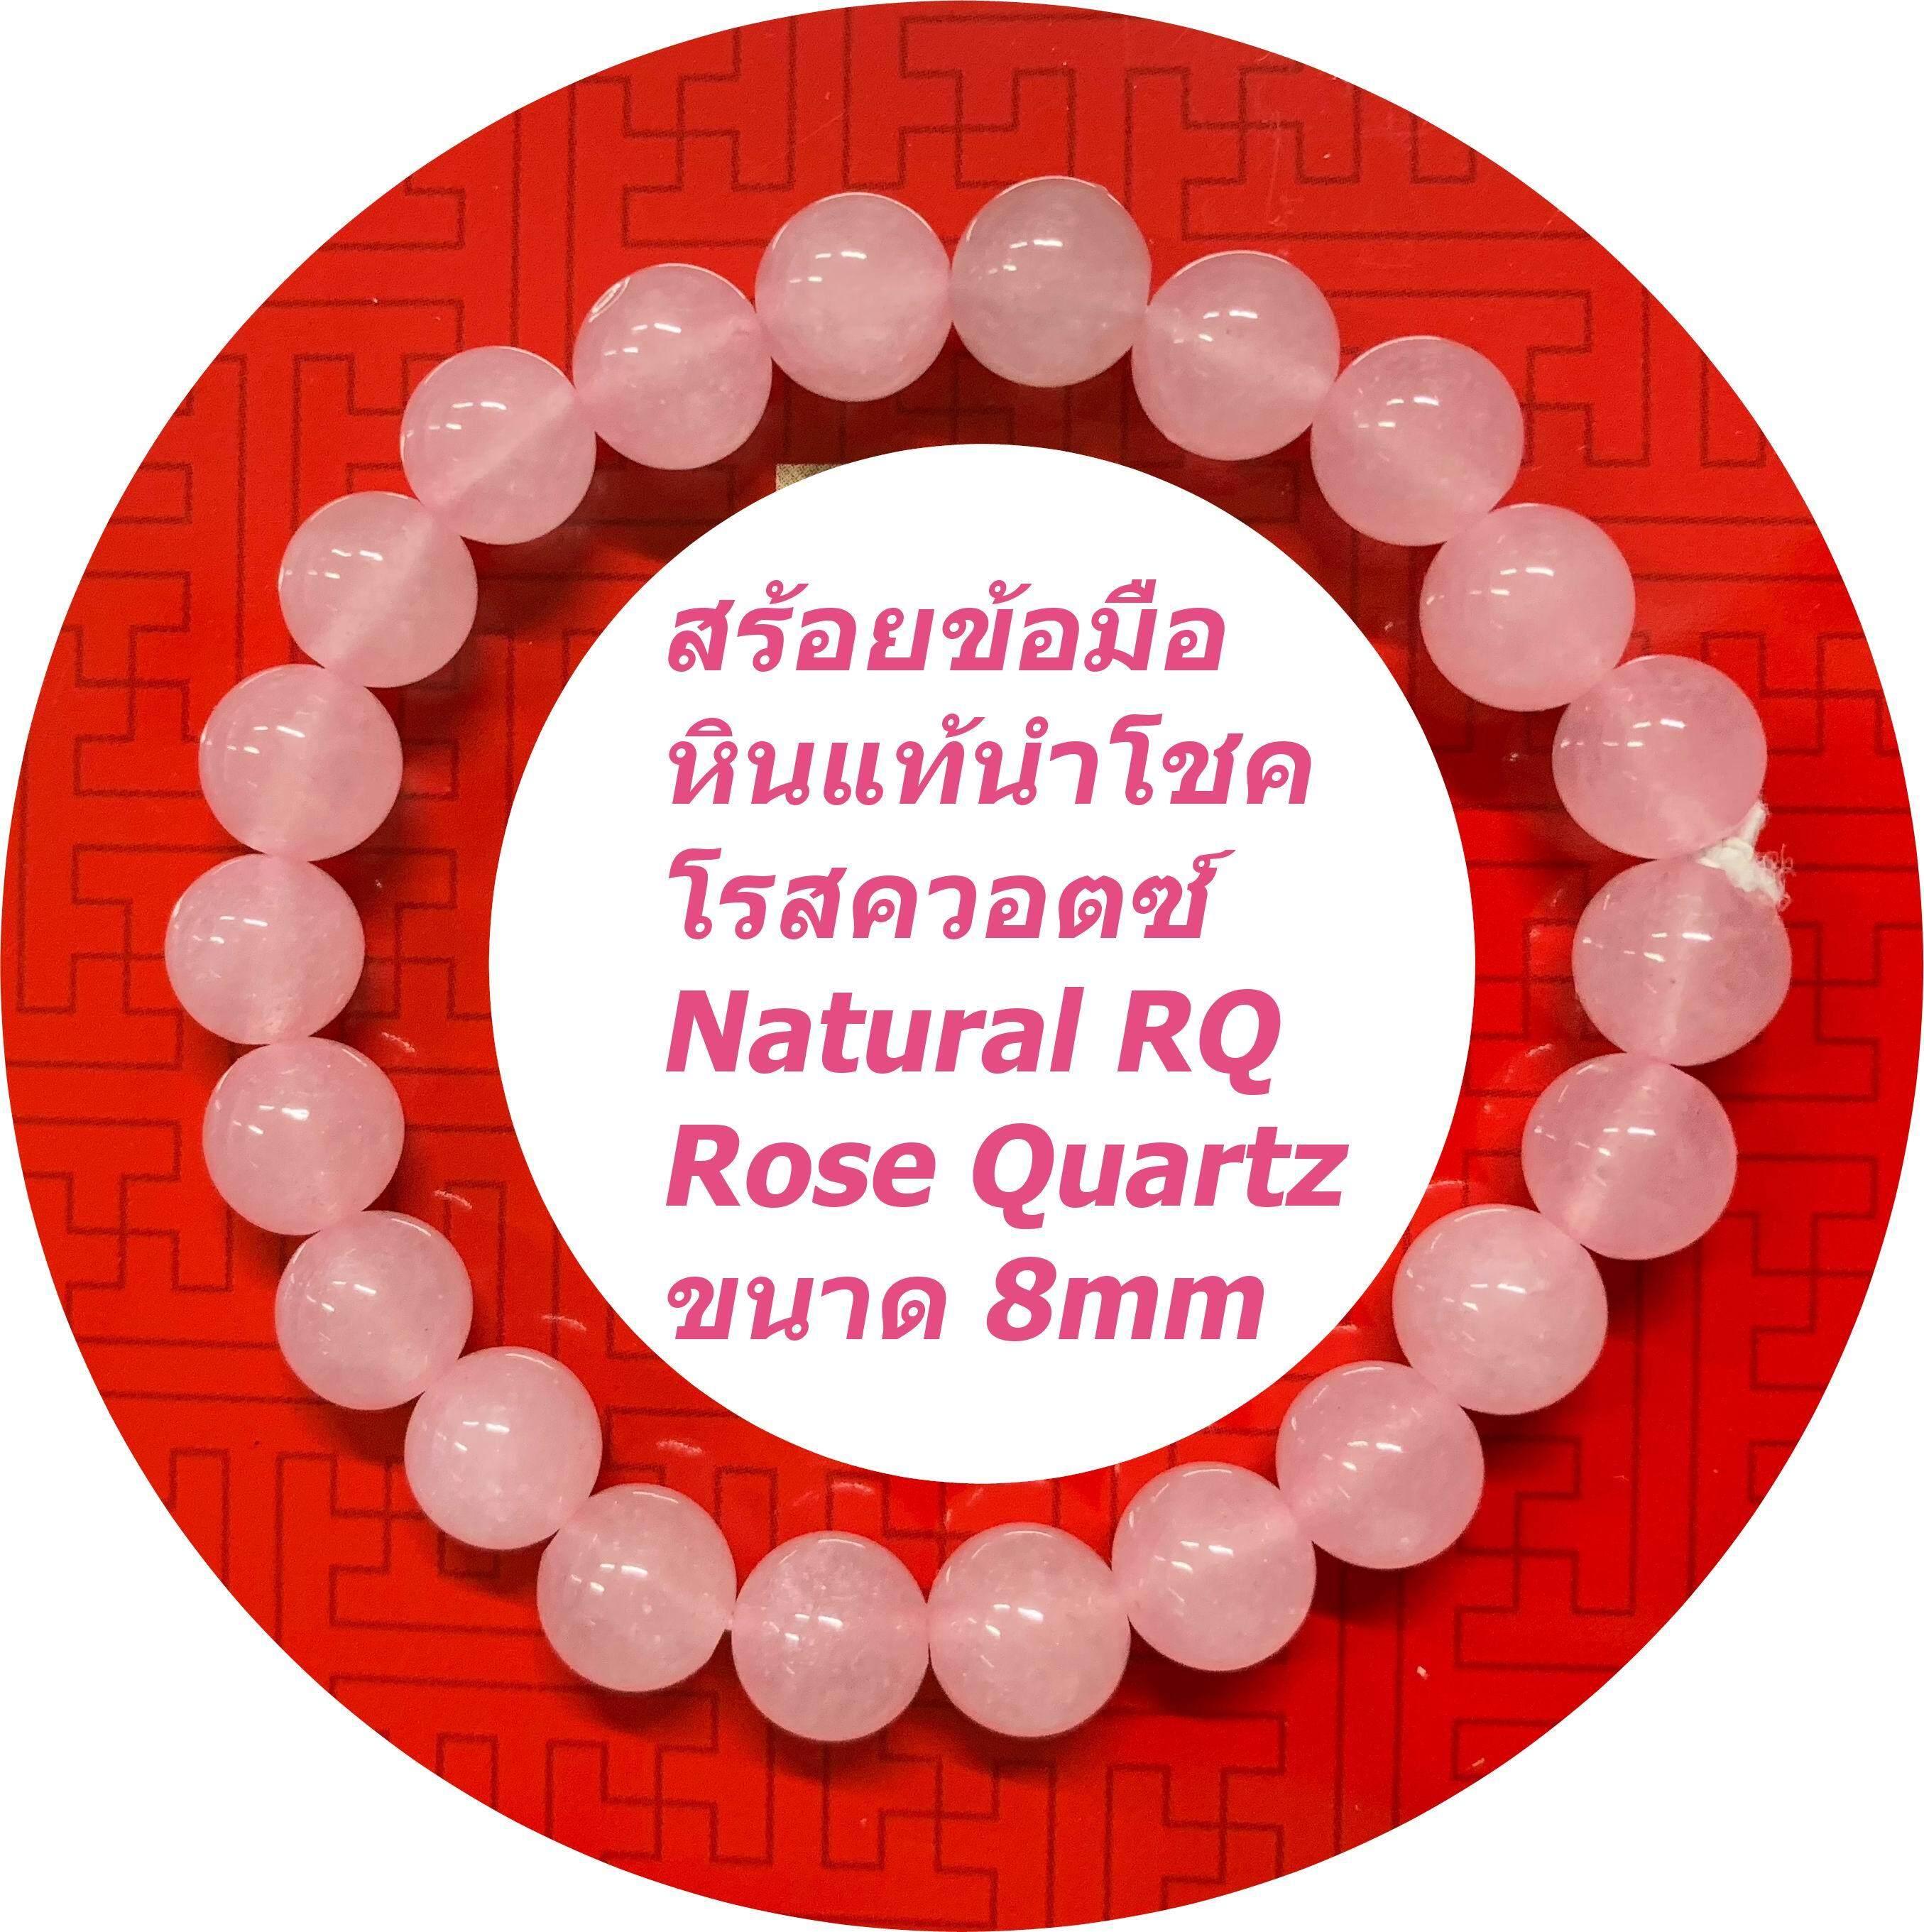 """สร้อยข้อมือหินแท้นำโชค โรสควอตซ์ Natural Rose Quartz RS8mm 22เม็ด เสริมดวงโชคดี เสริมเงินทอง บารมี ช่วยสมหวังเสริมความเจริญรุ่งเรืองในทุกๆด้าน  วิเคราะห์เลขเด็ด """"ปฏิทินจีน 2562"""" ใช้ได้ตลอดทั้งปี งวด 16 มิถุนายน 2562 e66609c745277999141bc1838edd3969"""